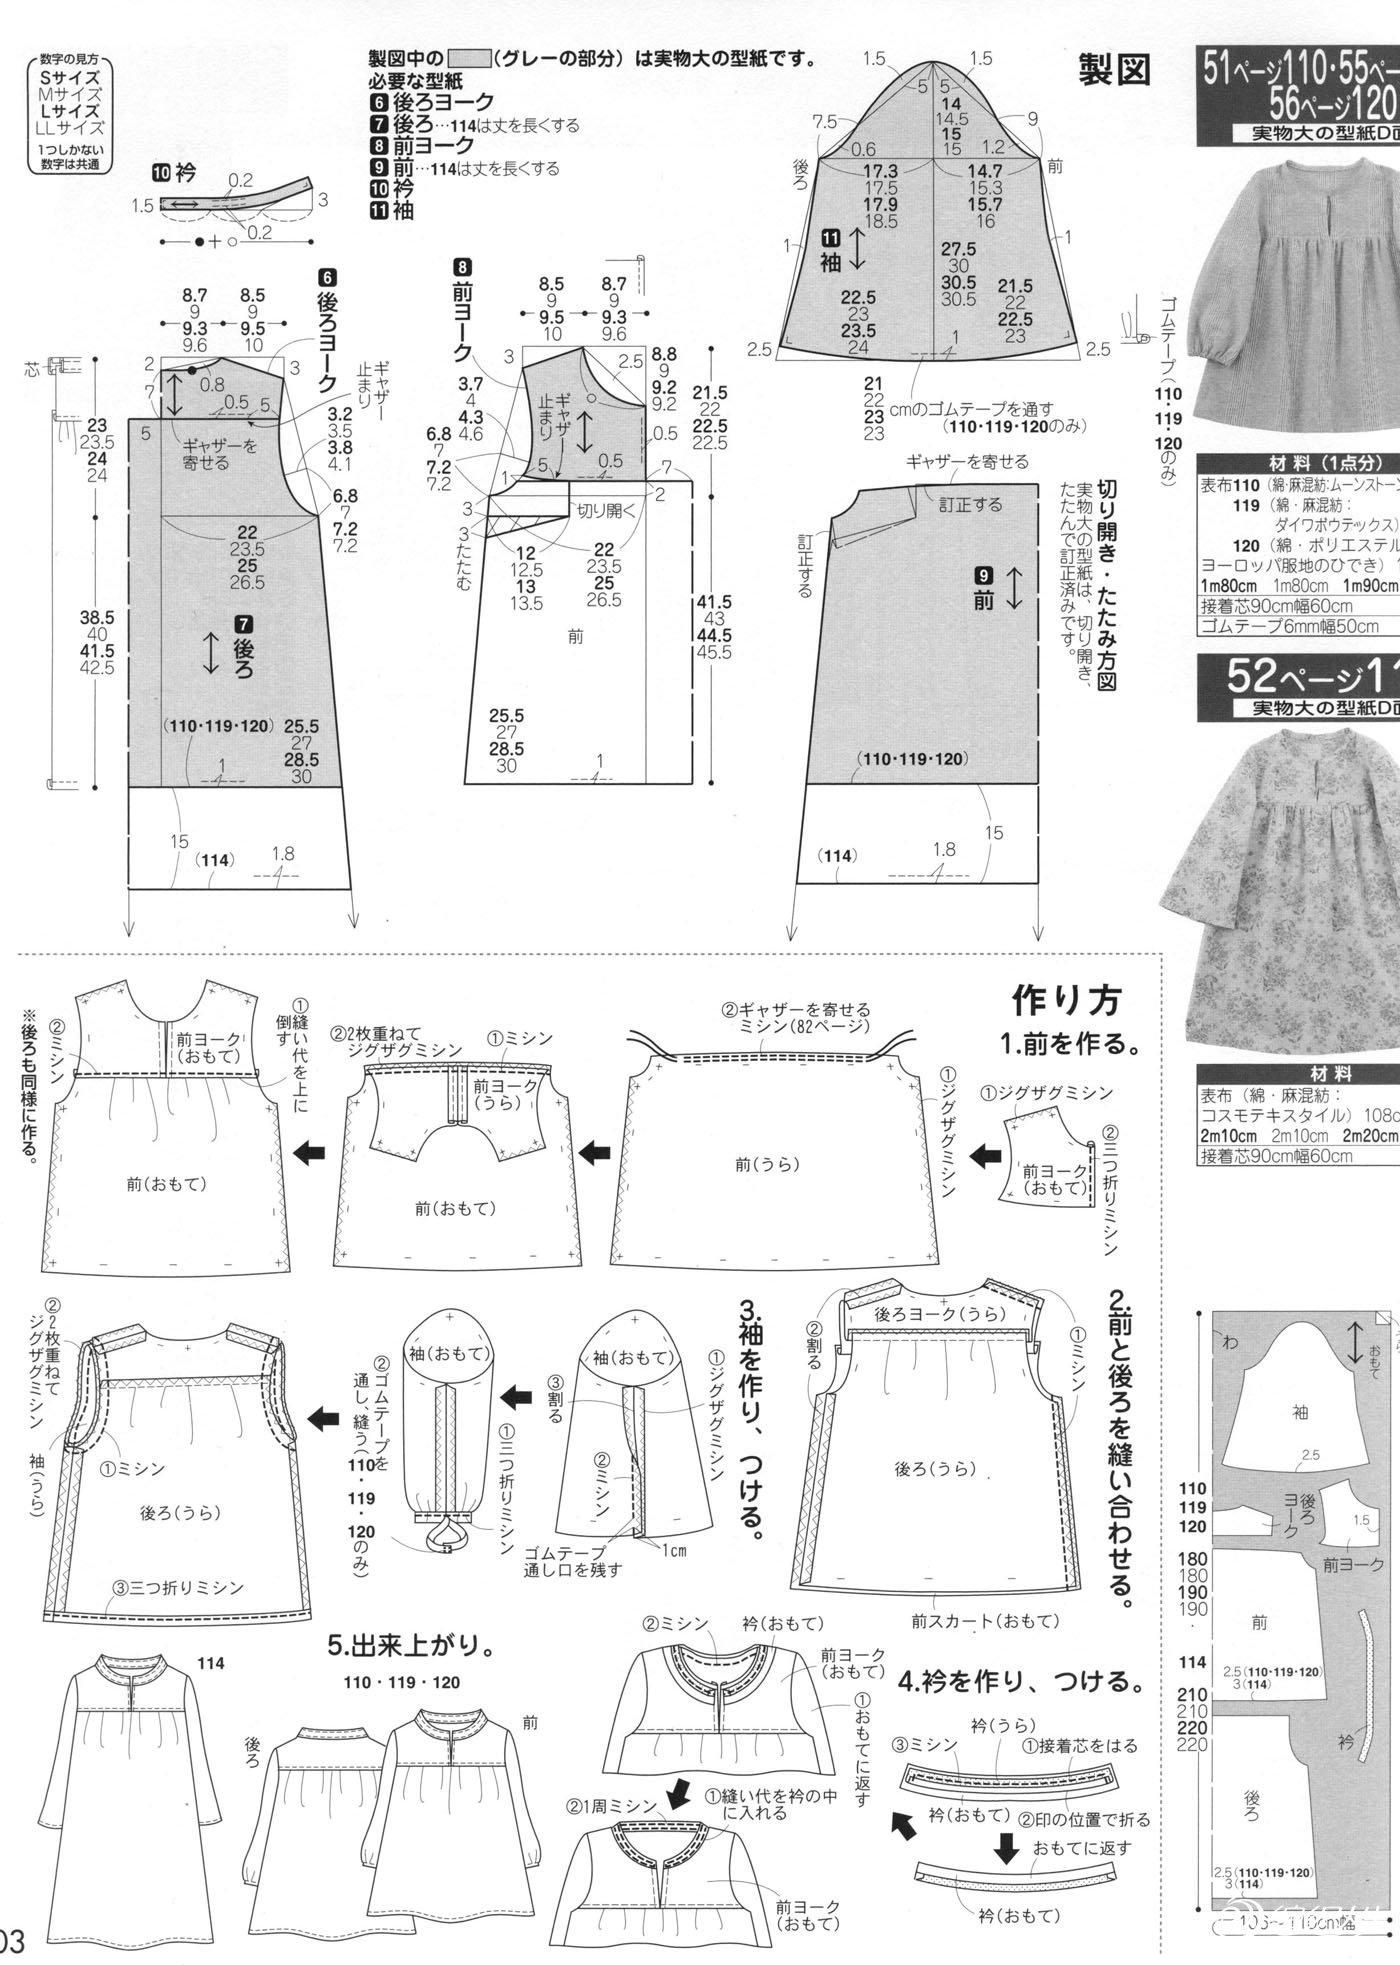 儿童裁剪图_服装设计与裁剪_编织人生论坛